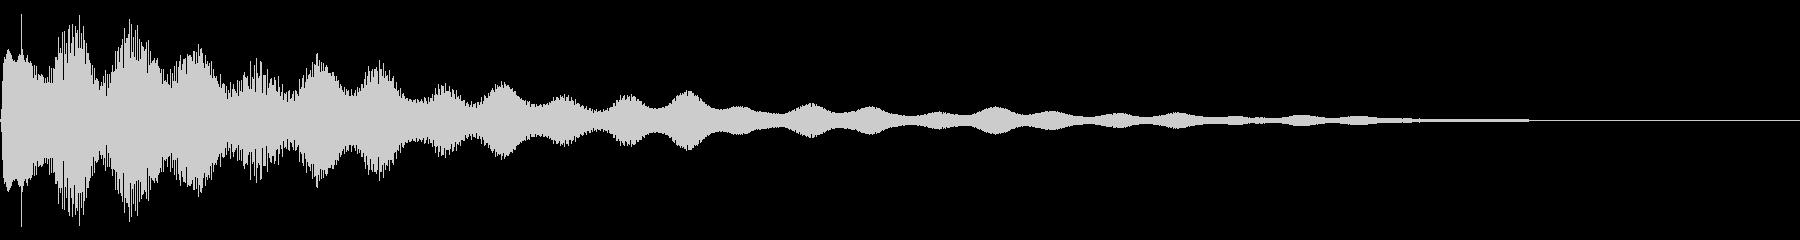 サスペンス風なギター音です。の未再生の波形